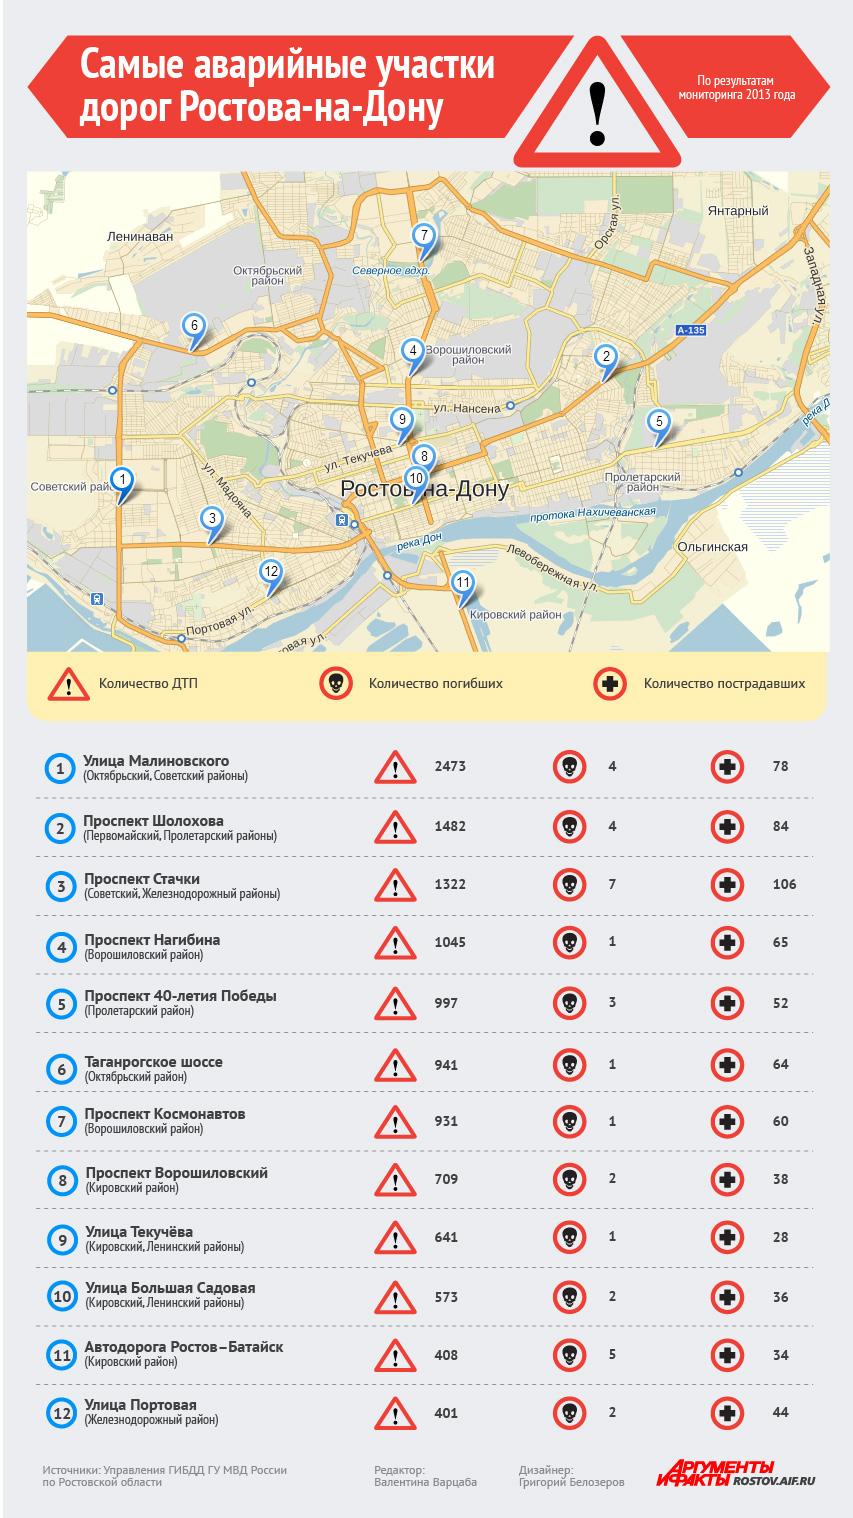 Самые опасные улицы Ростова в 2014 году.